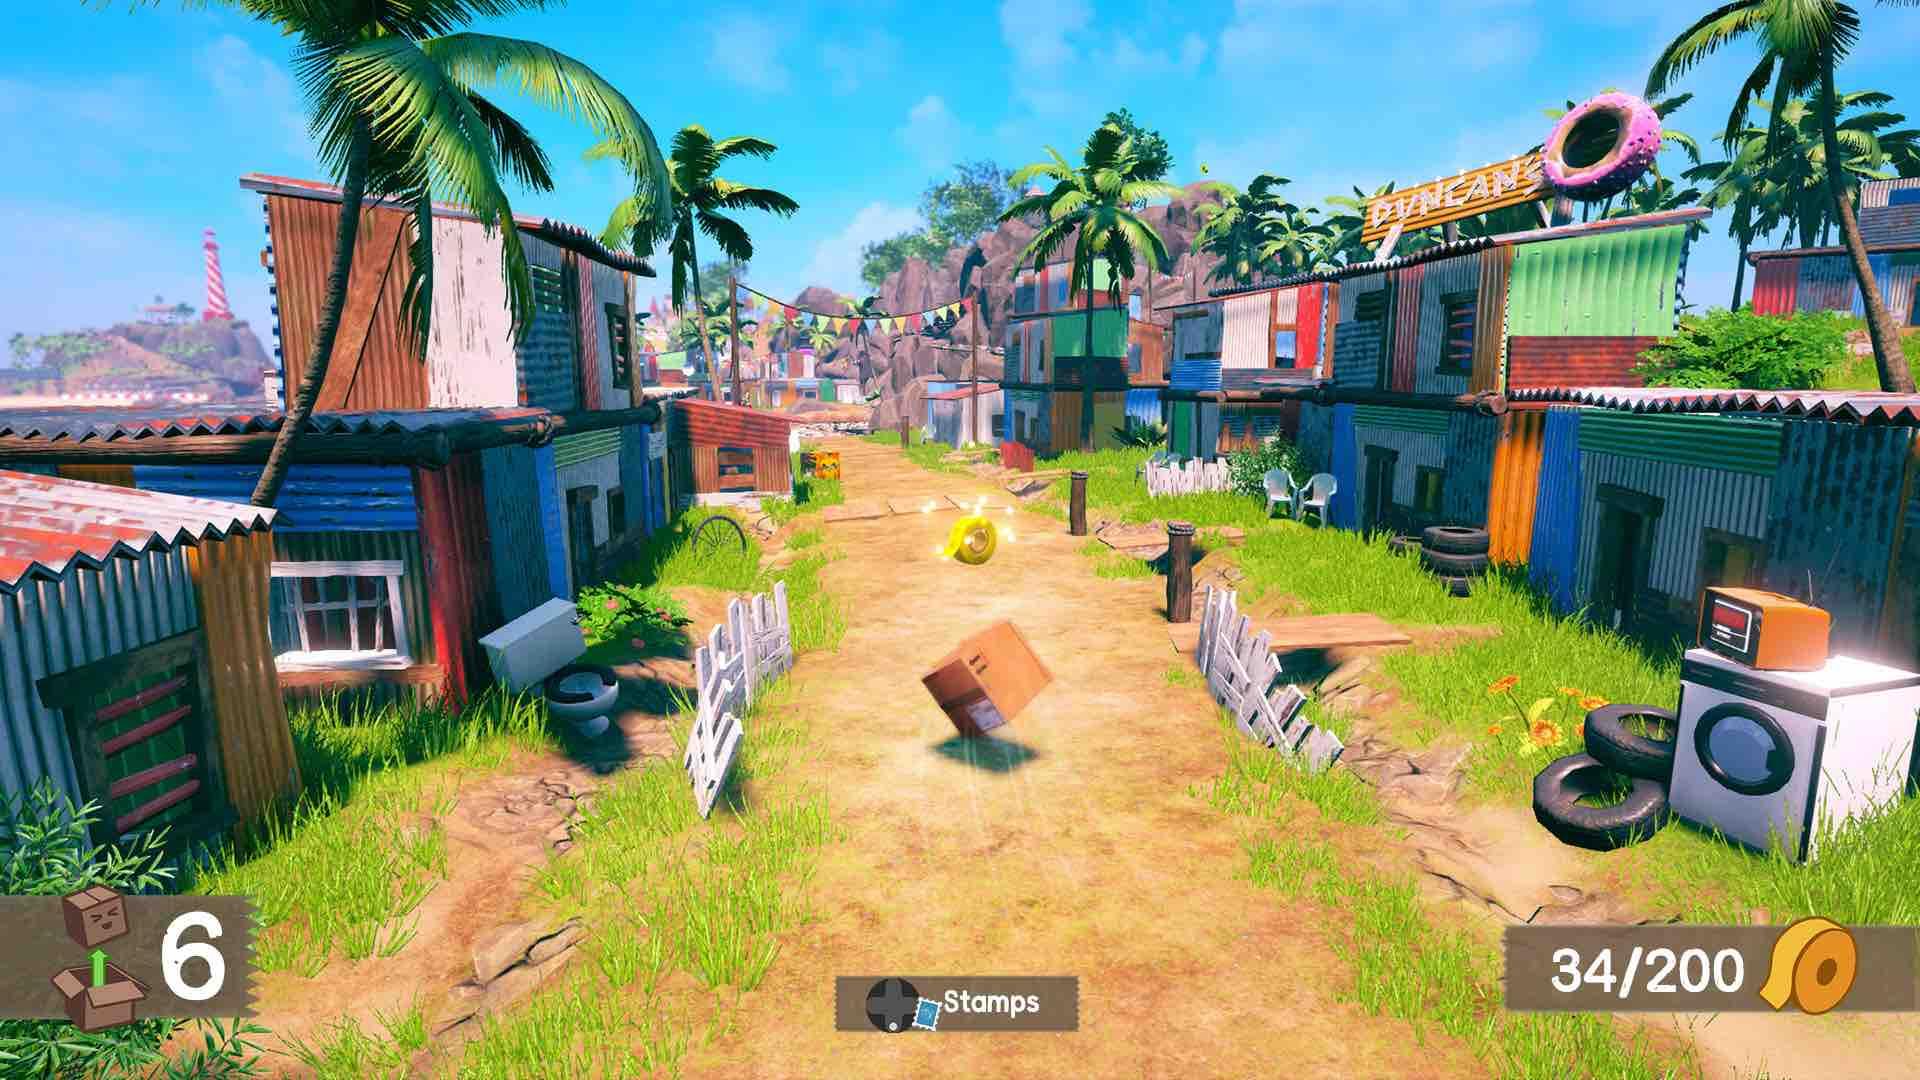 unbox-newbies-adventure-review-screenshot-2